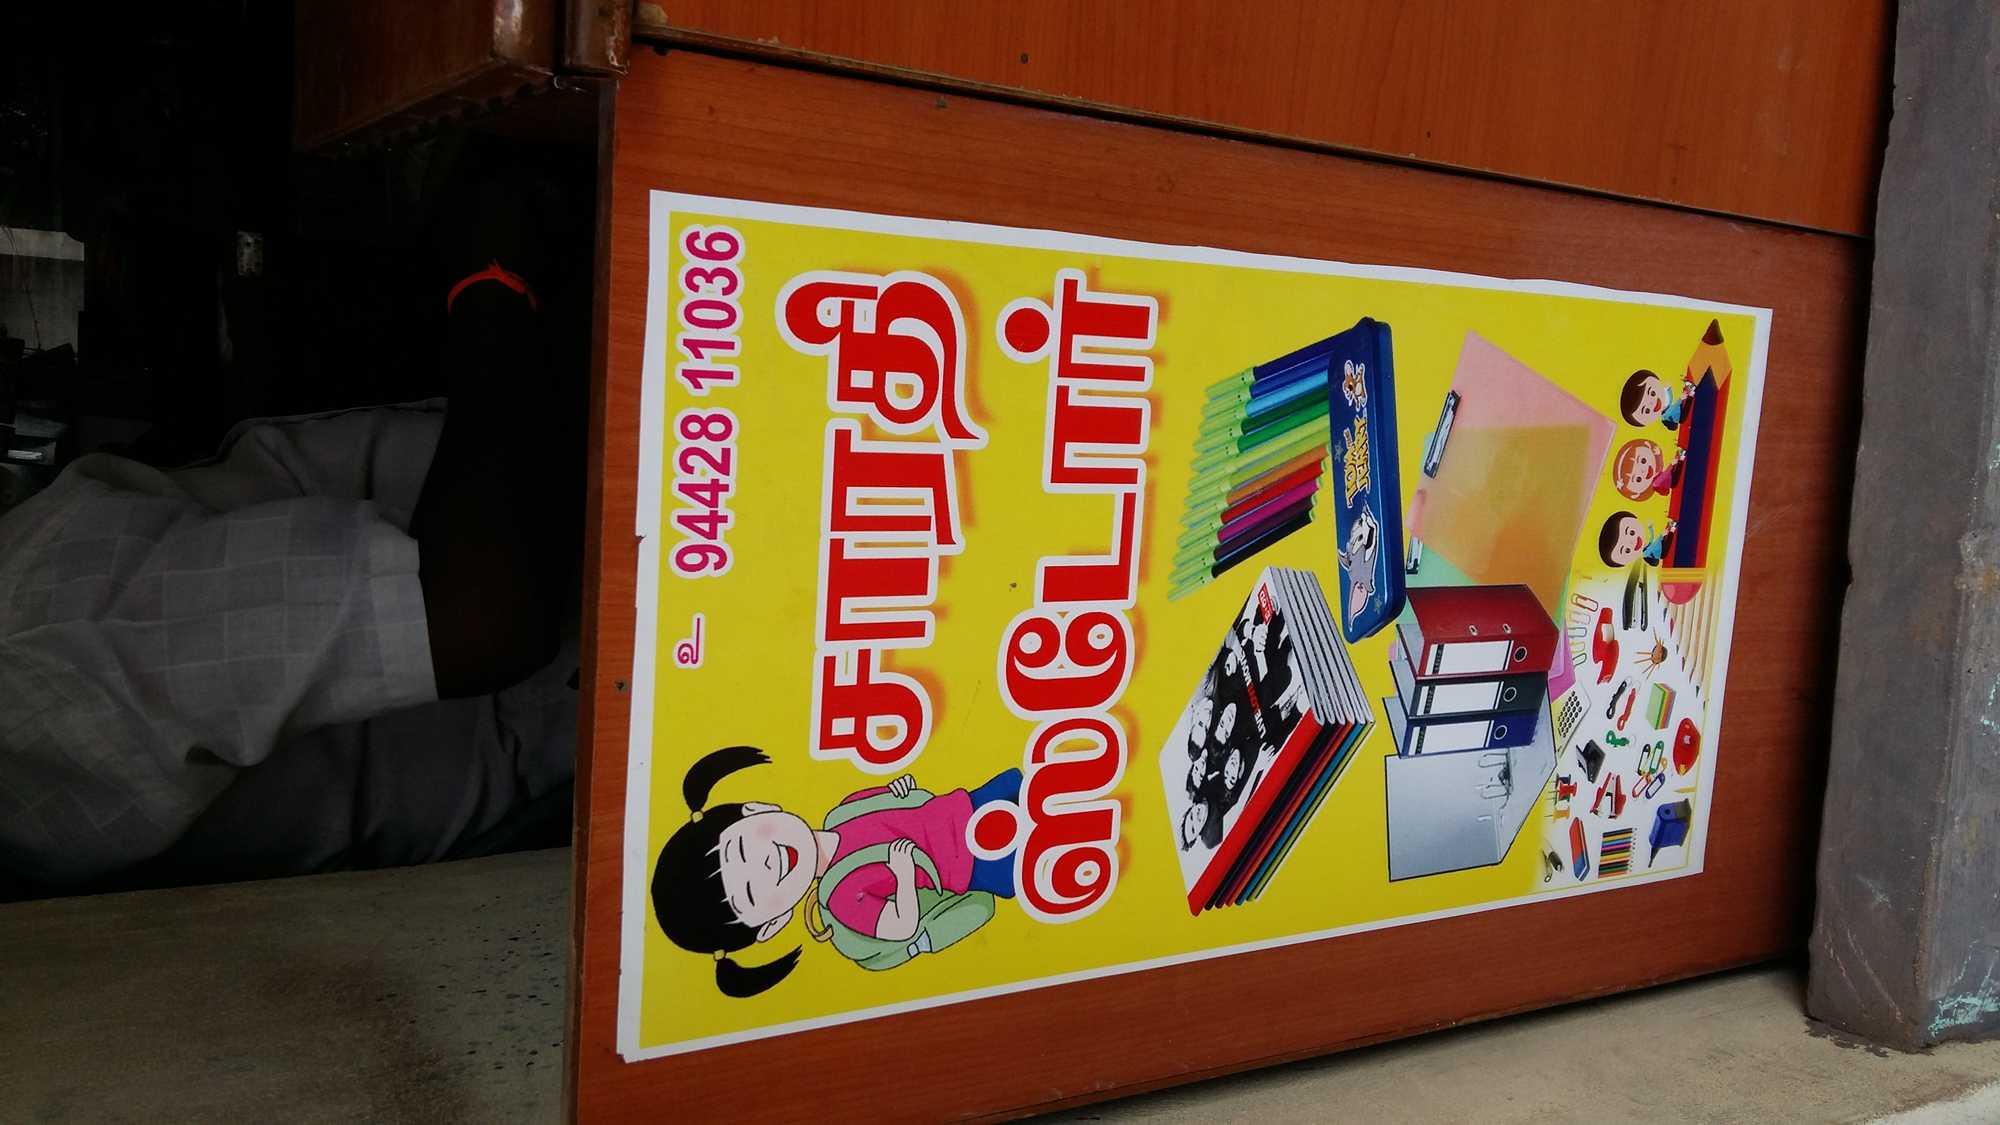 Top 20 Stationery Shops in Dharnampet Gudiyatham, Gudiyattam - Best